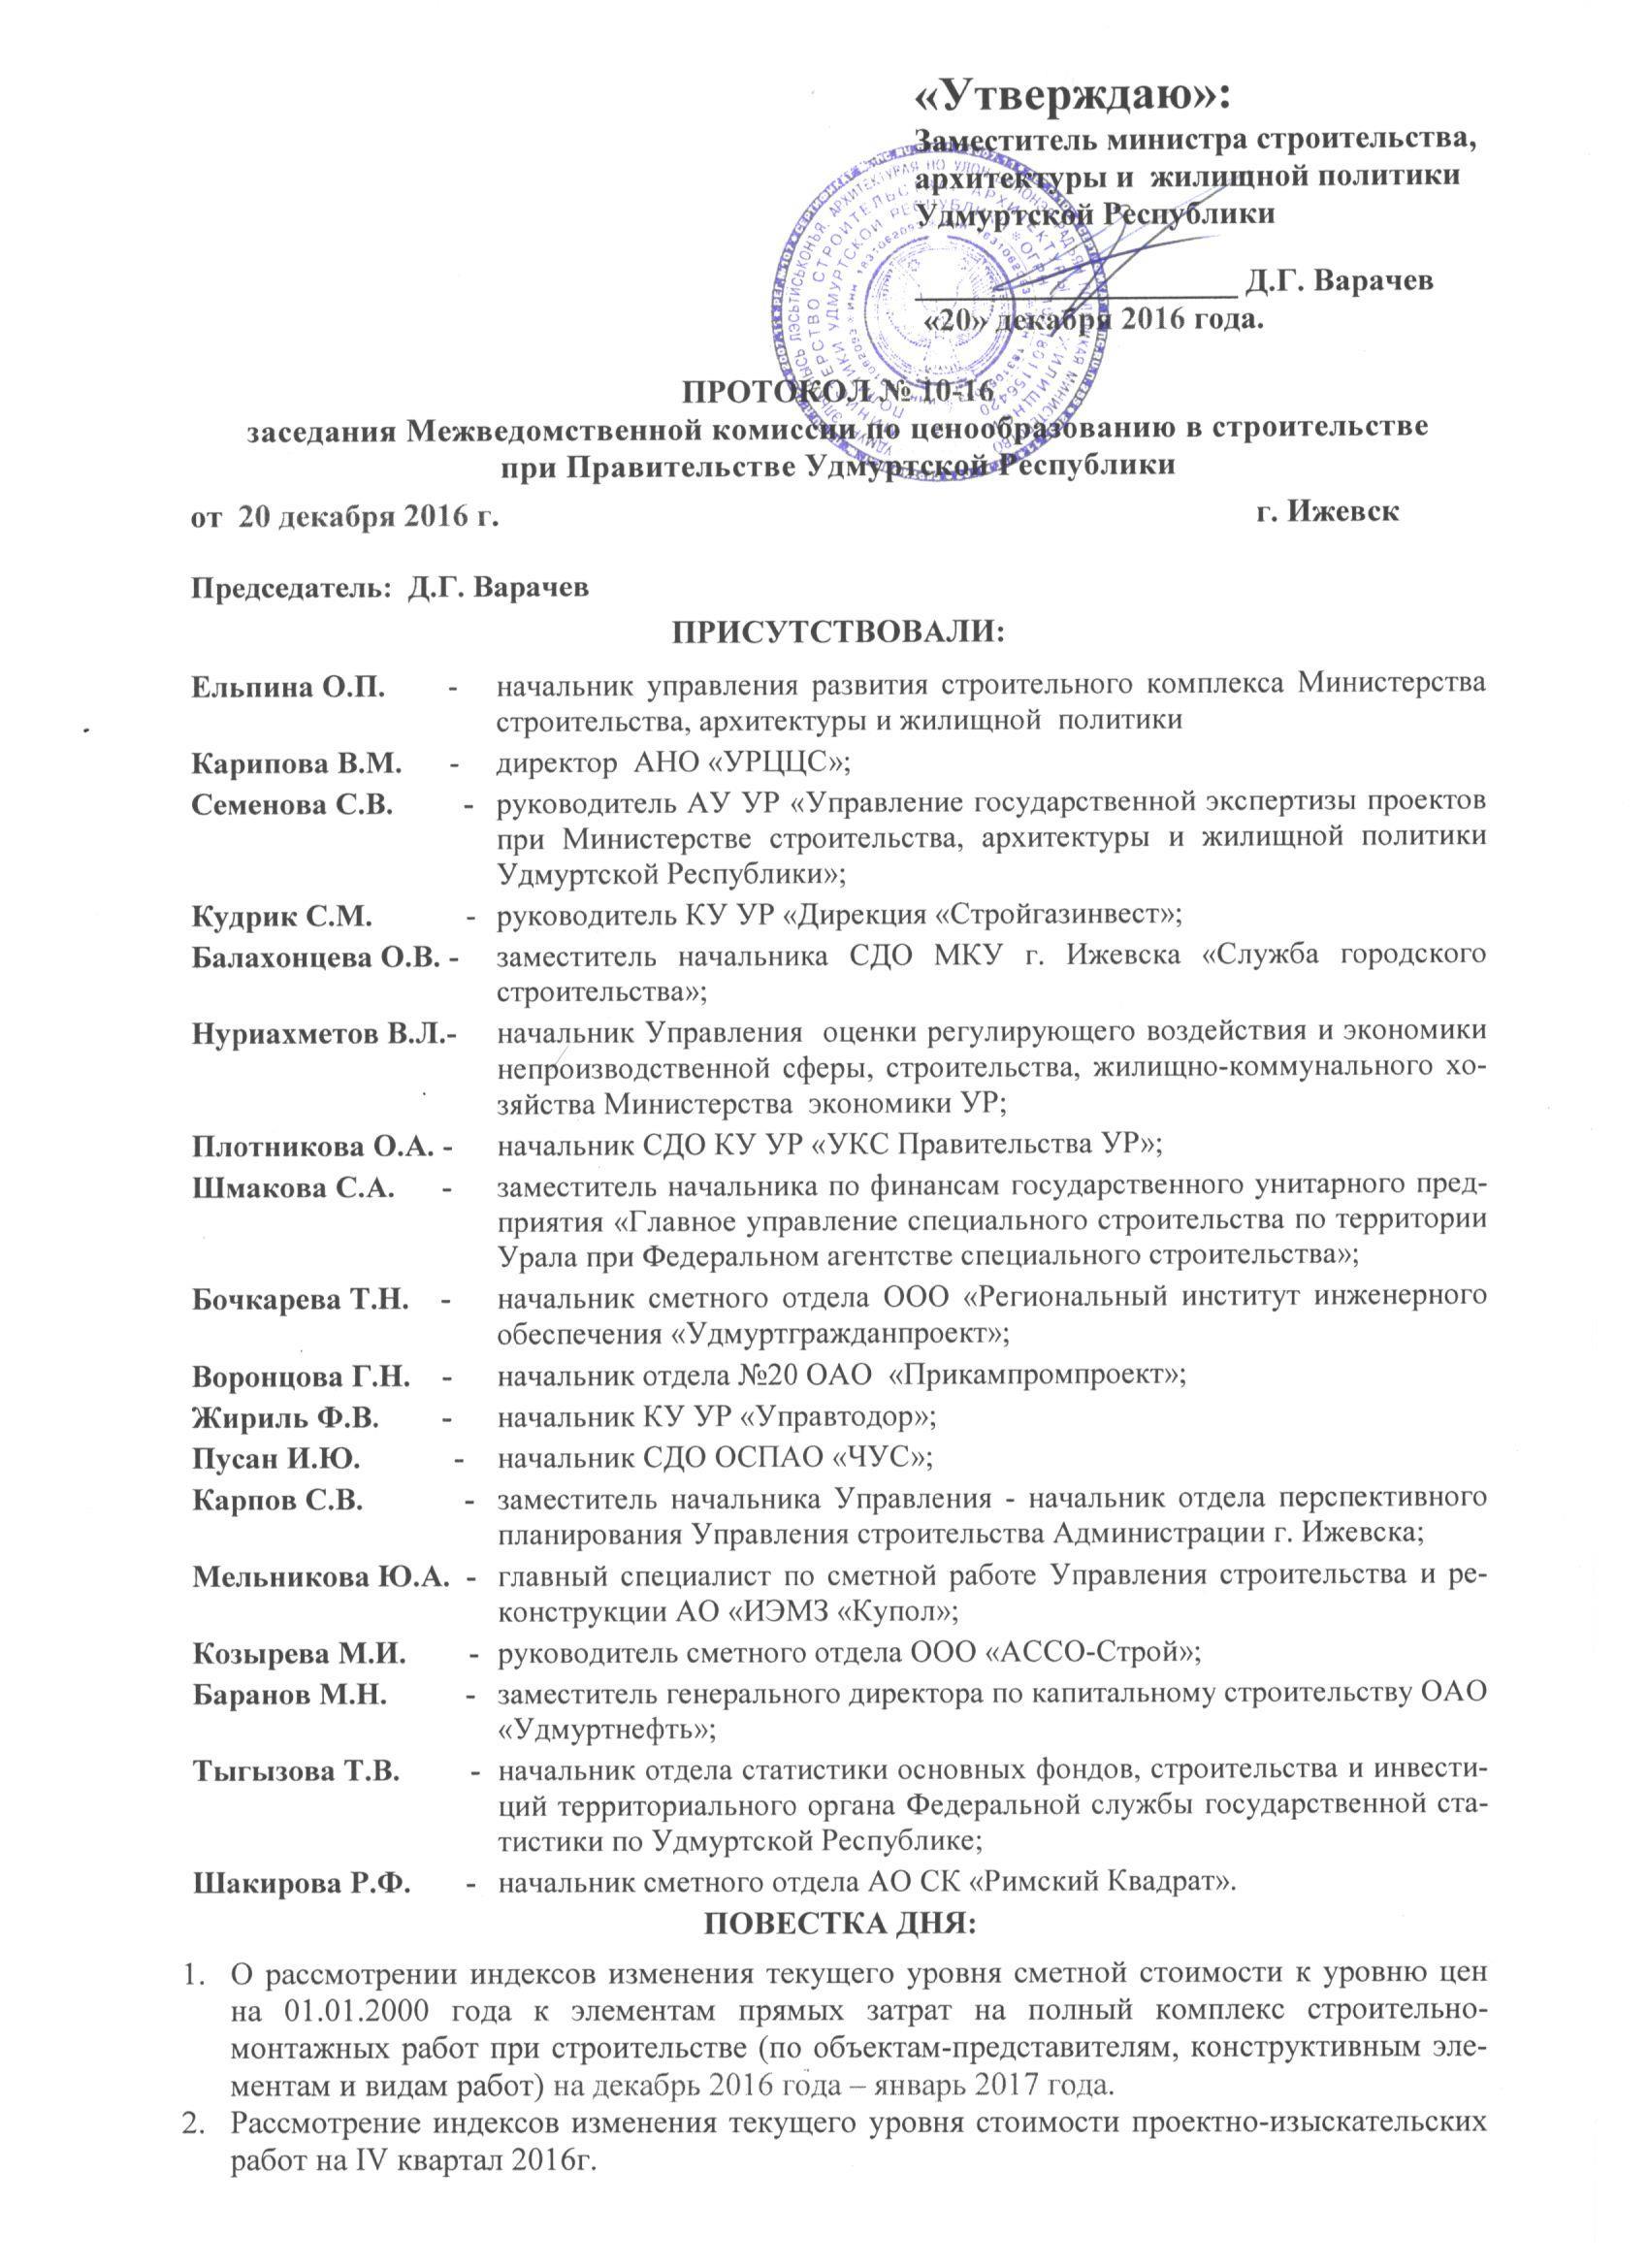 protokol-20-12-2016-1